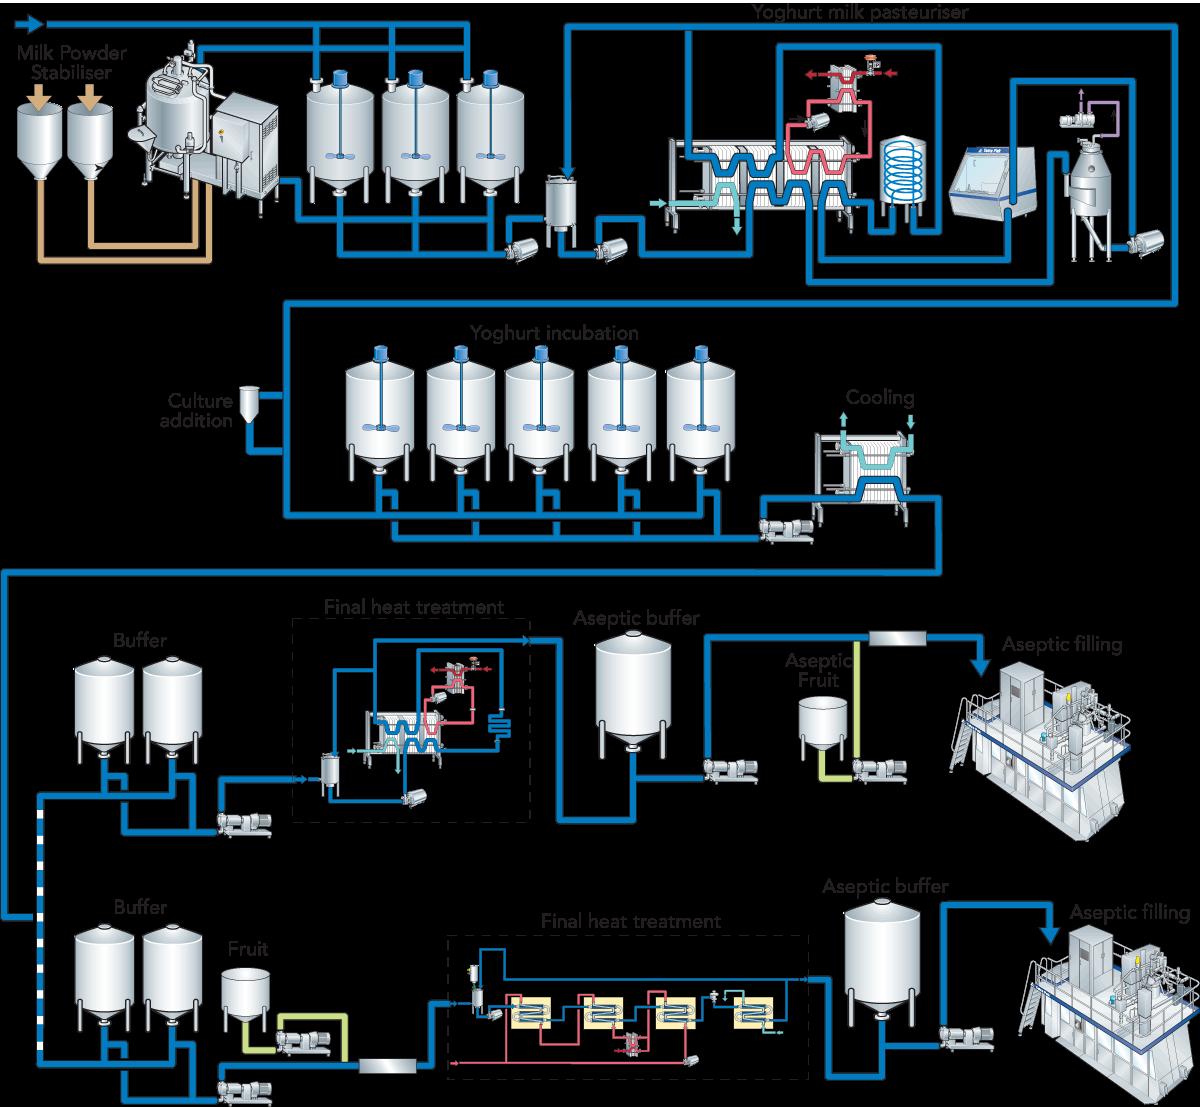 Fermented Milk Products Dairy Processing Handbook Modern Tank Schematics Zoom